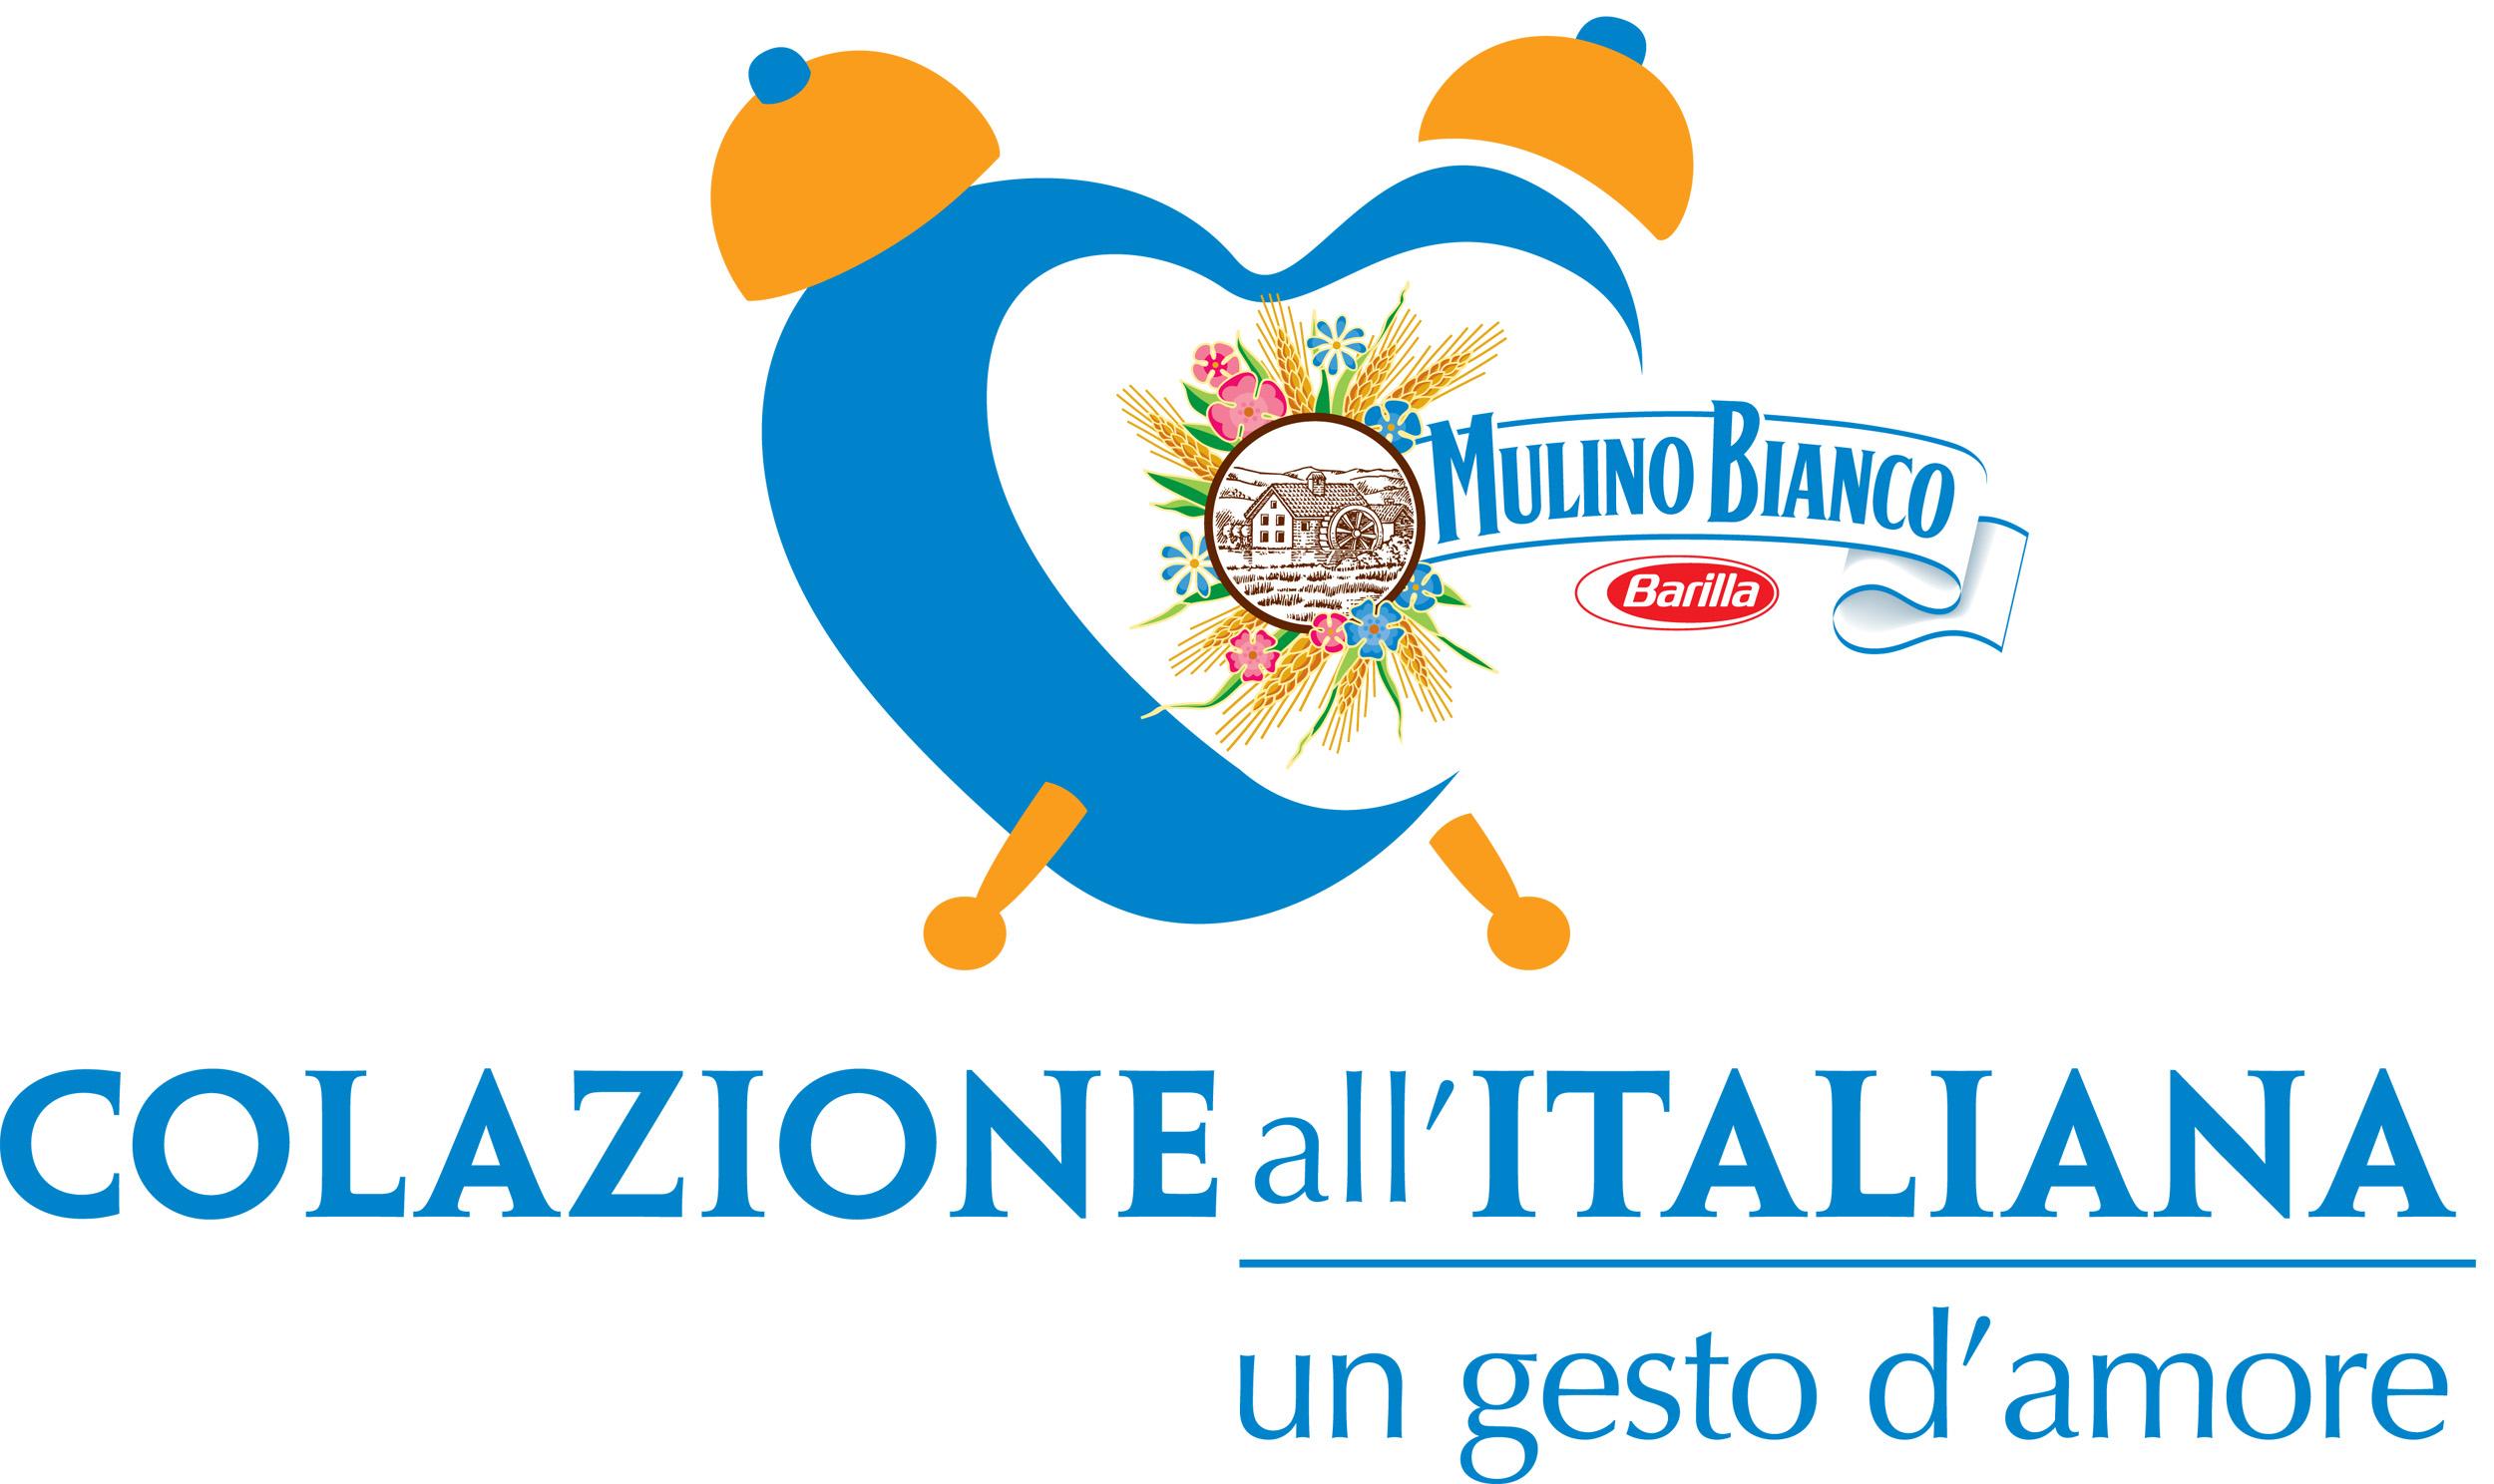 Logo Colazione all'italiana